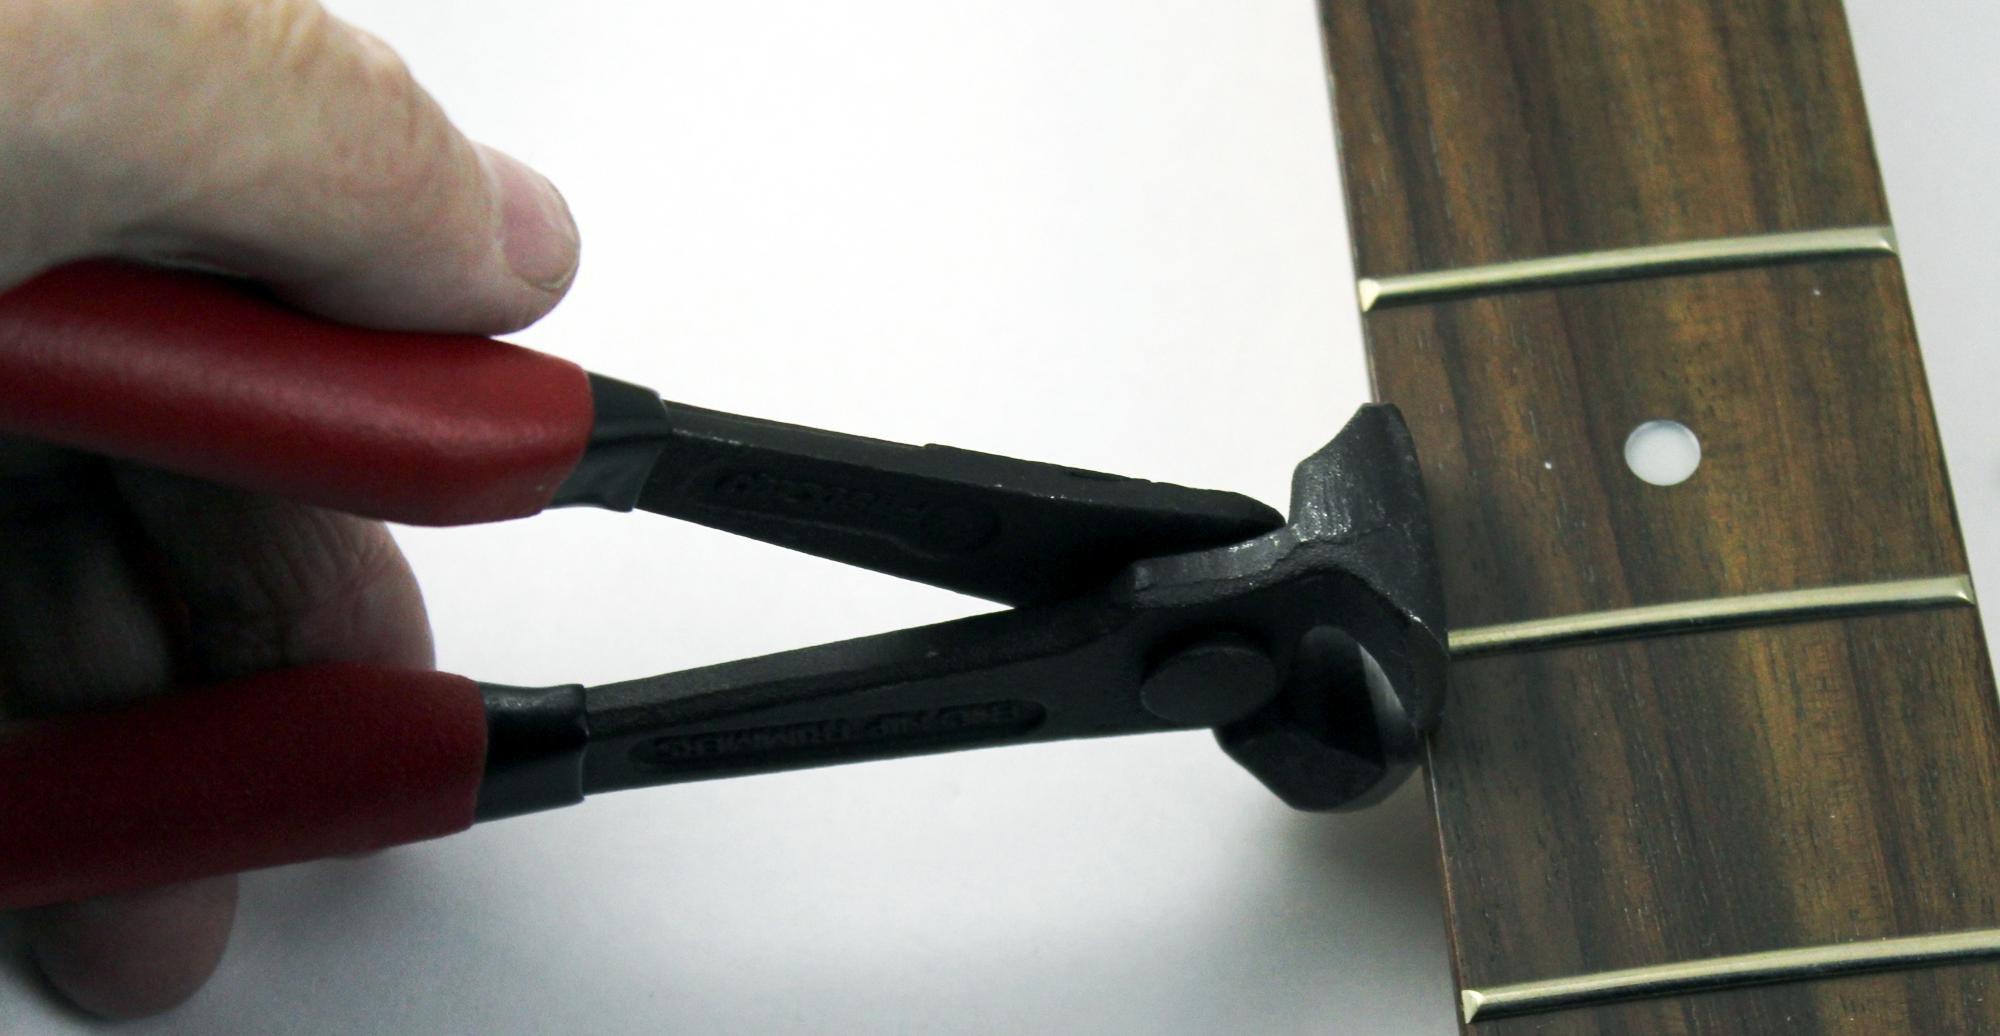 Bitterroot Fret Wire End Cutter Nipper Medium Size